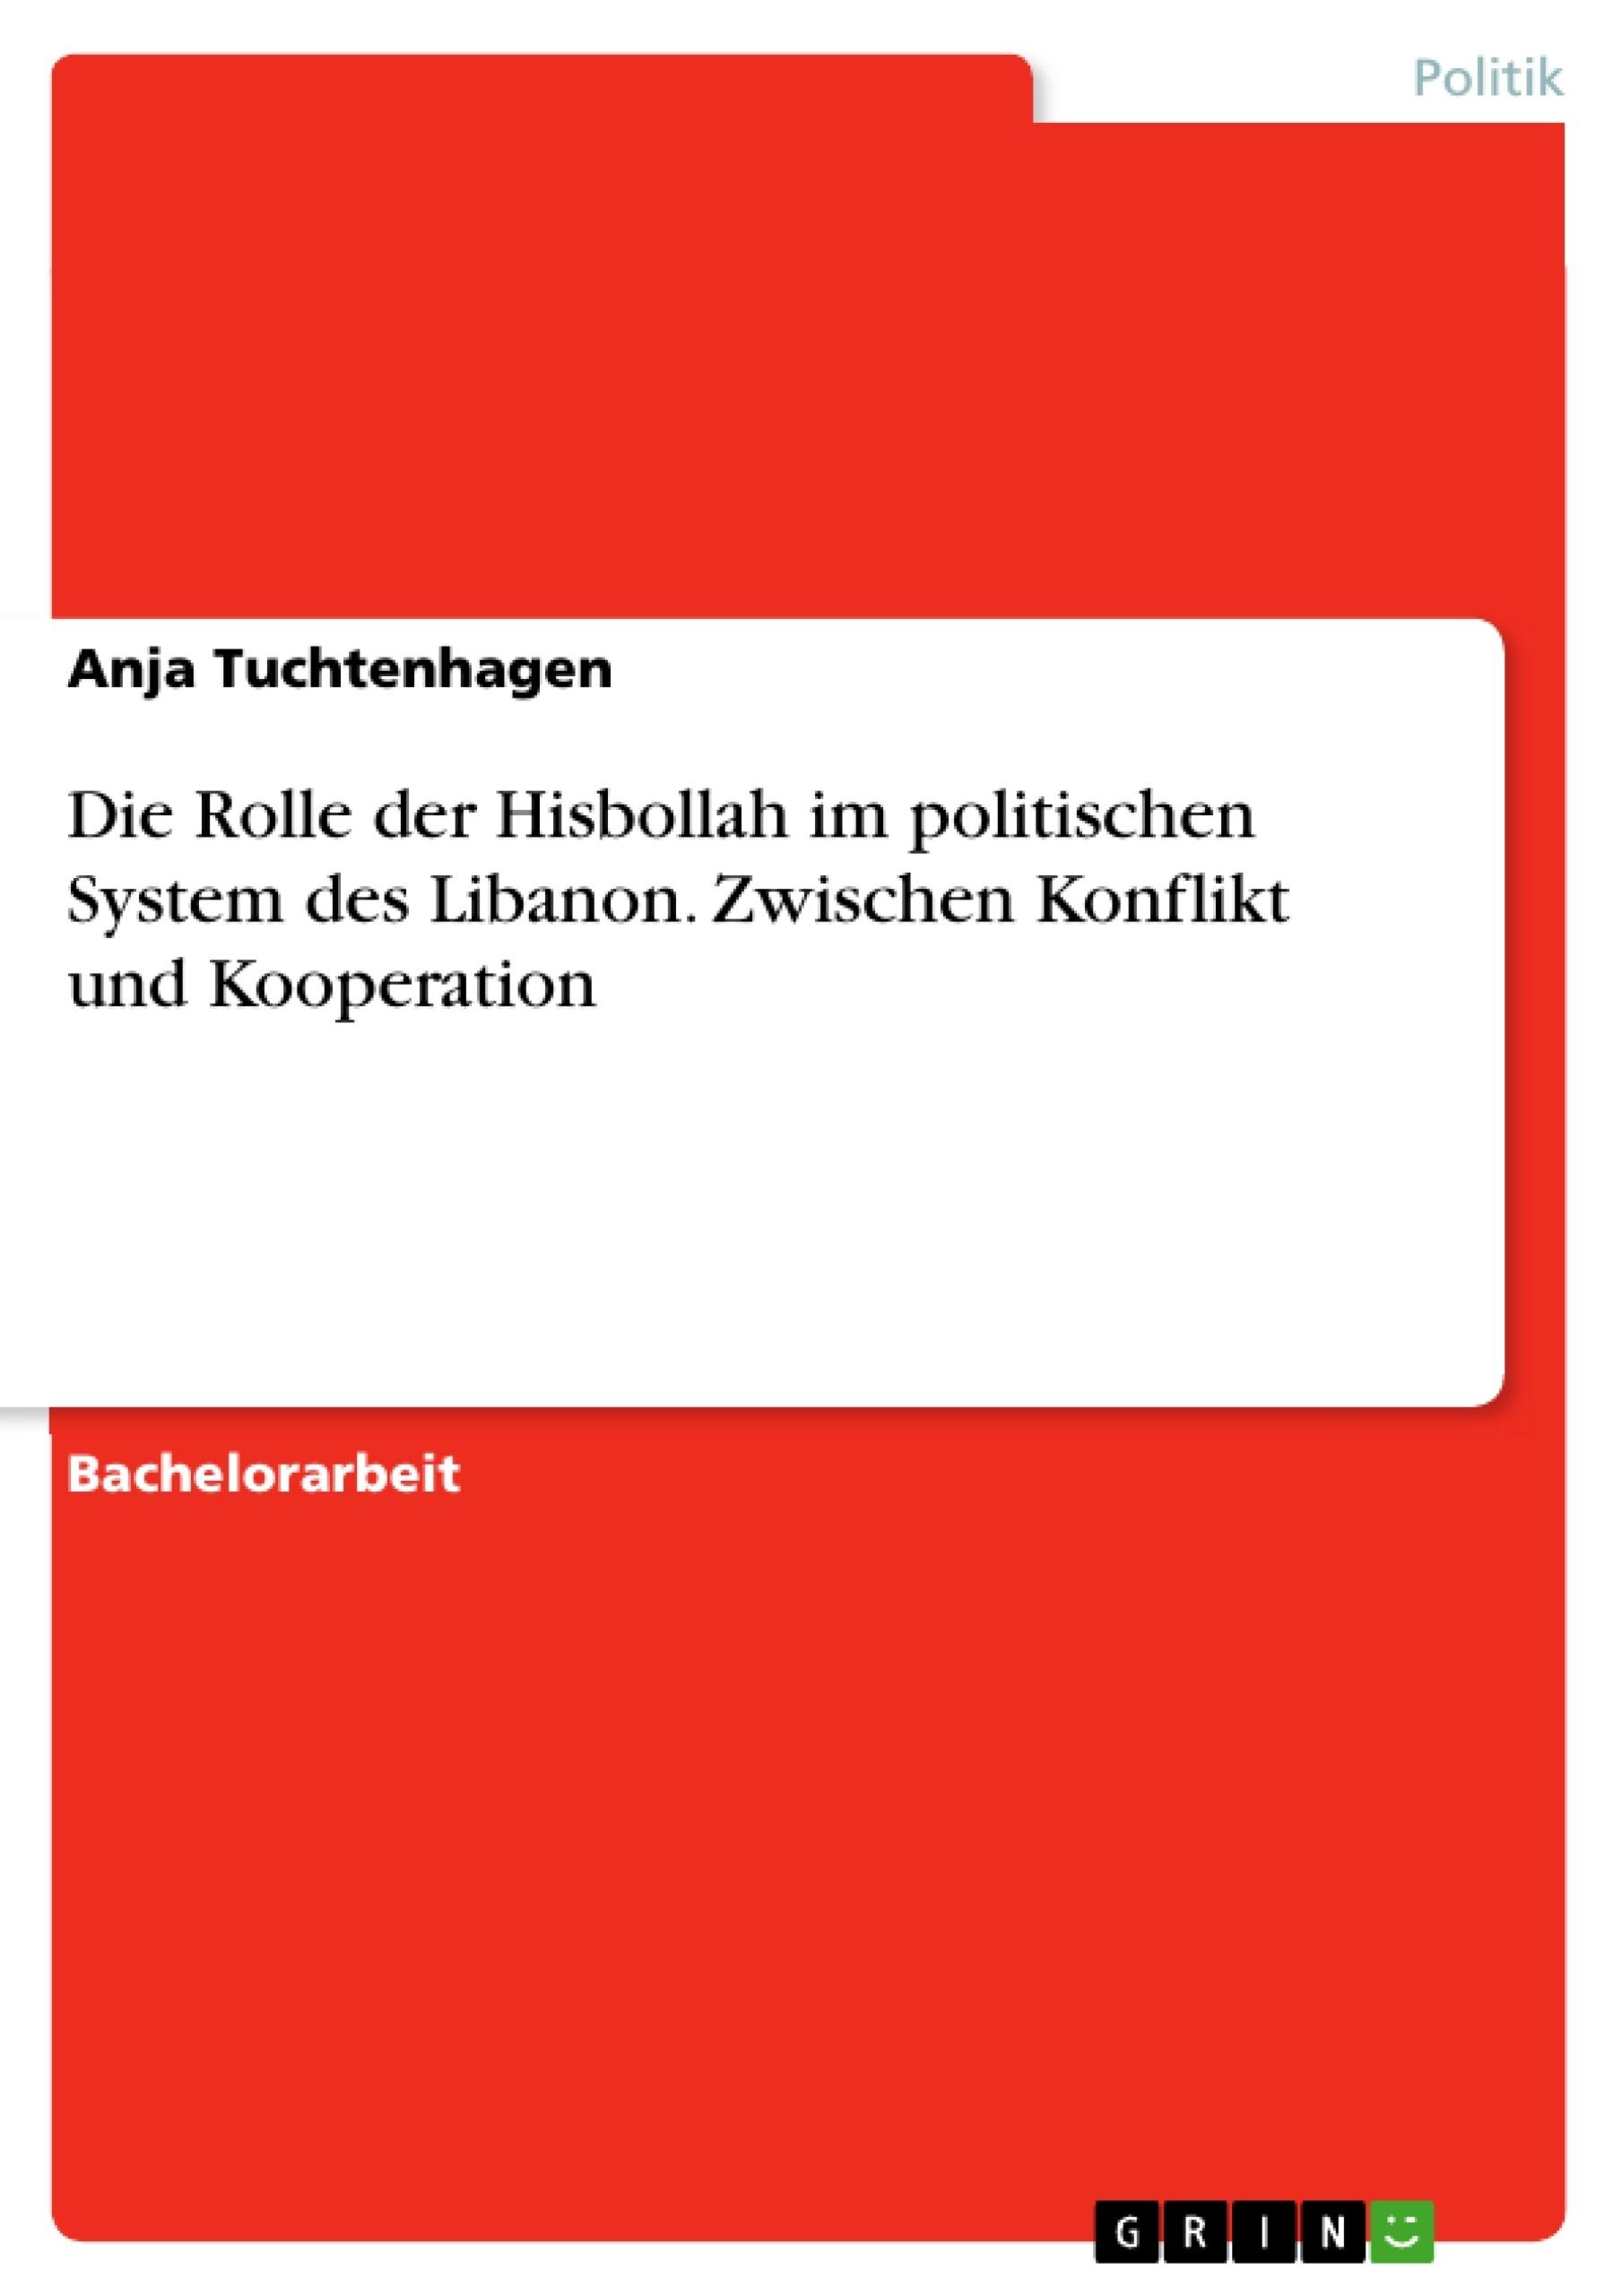 Titel: Die Rolle der Hisbollah im politischen System des Libanon. Zwischen Konflikt und Kooperation